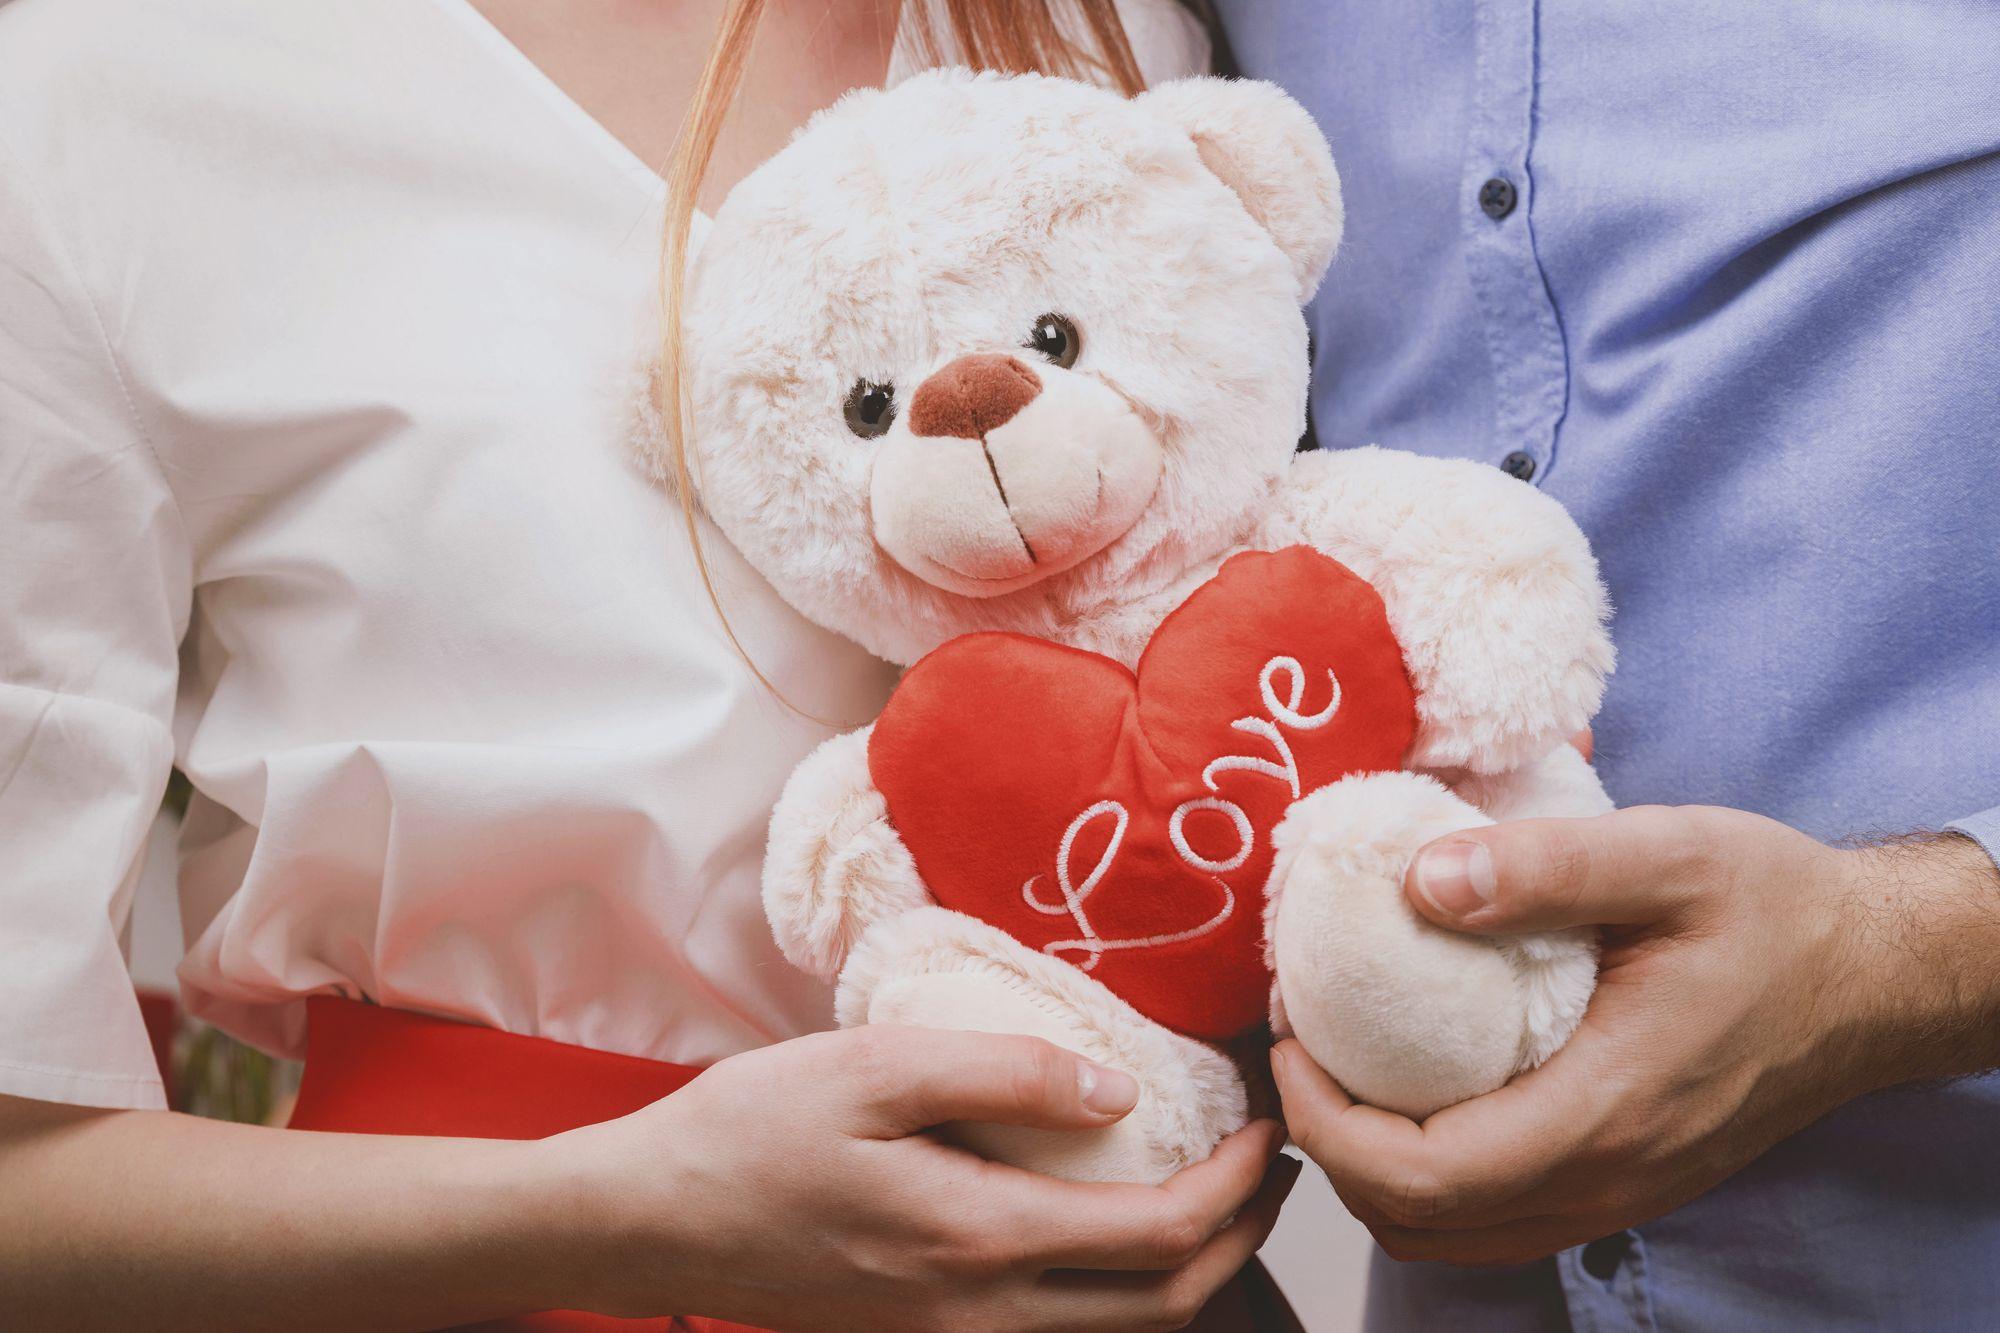 deux personnes tenant un ours en peluche dans leurs mains